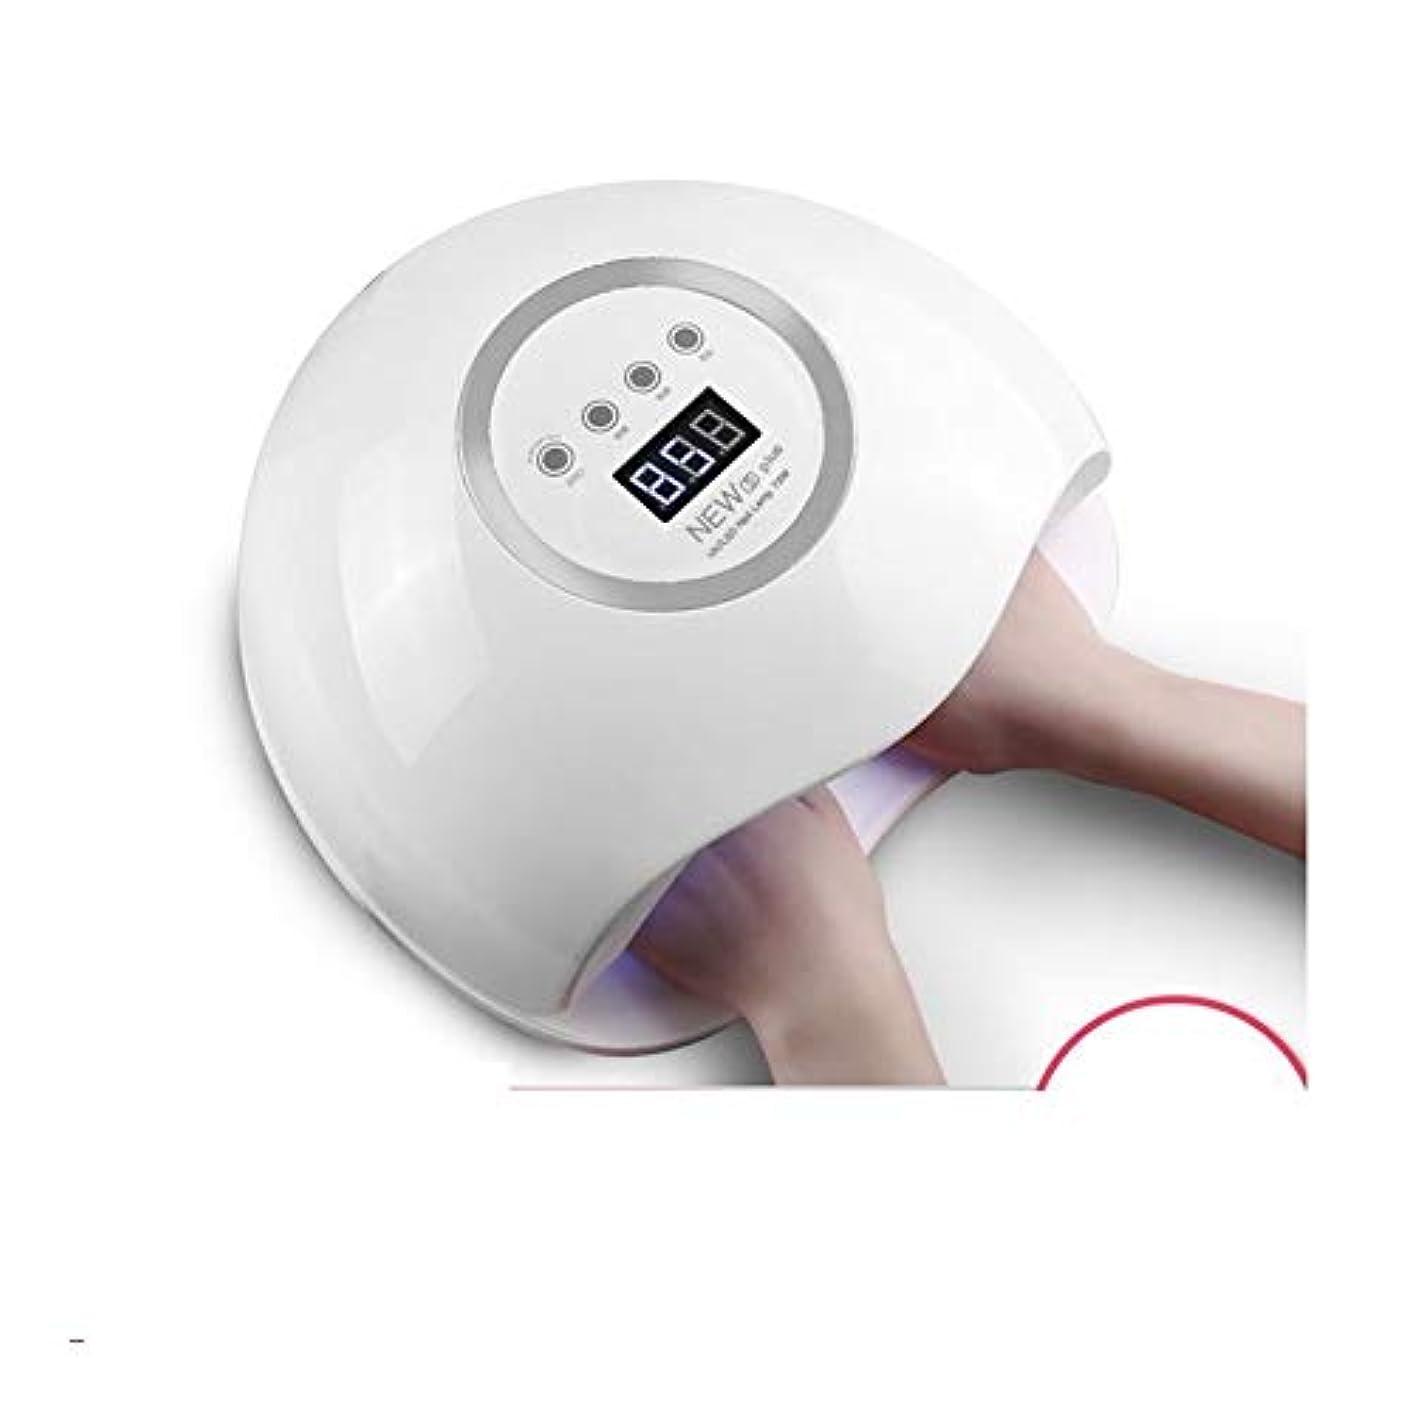 うめき断言する十二LittleCat 速乾性ネイルUVドライヤーの熱ランプLEDネイル無痛インテリジェントセンサー太陽灯 (色 : European standard circular plug)